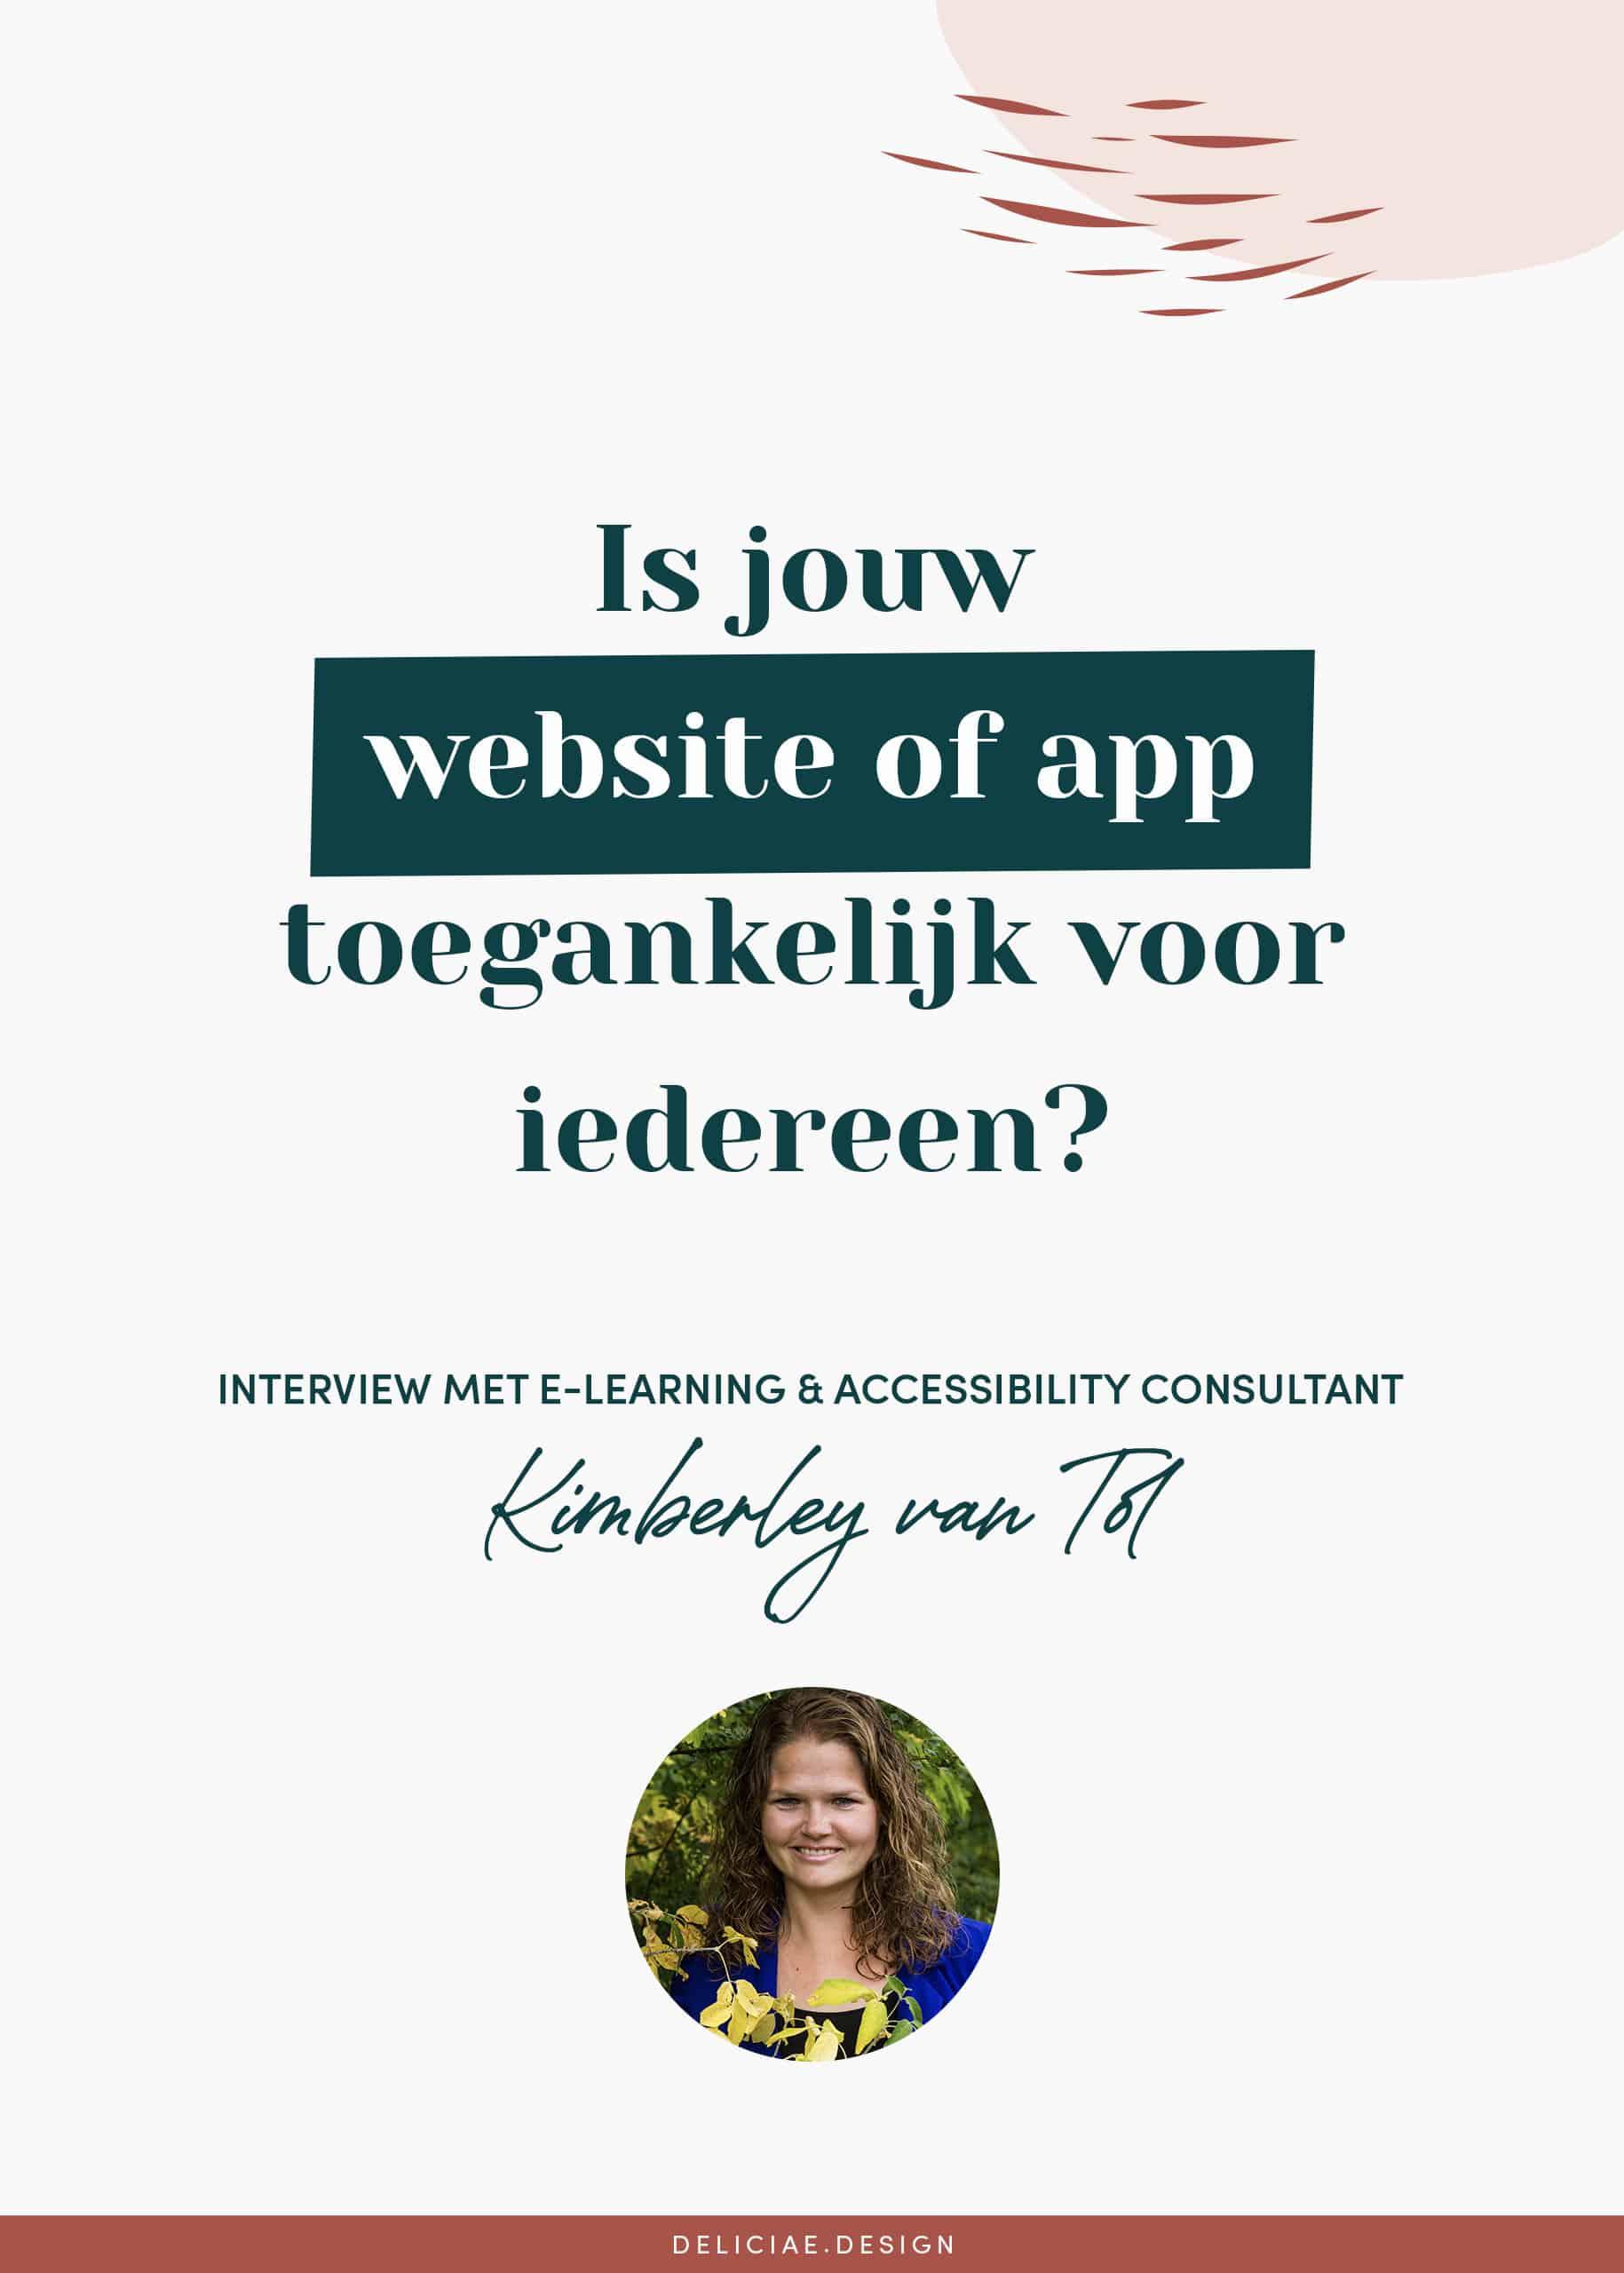 Is jouw website of app toegankelijk voor iedereen?